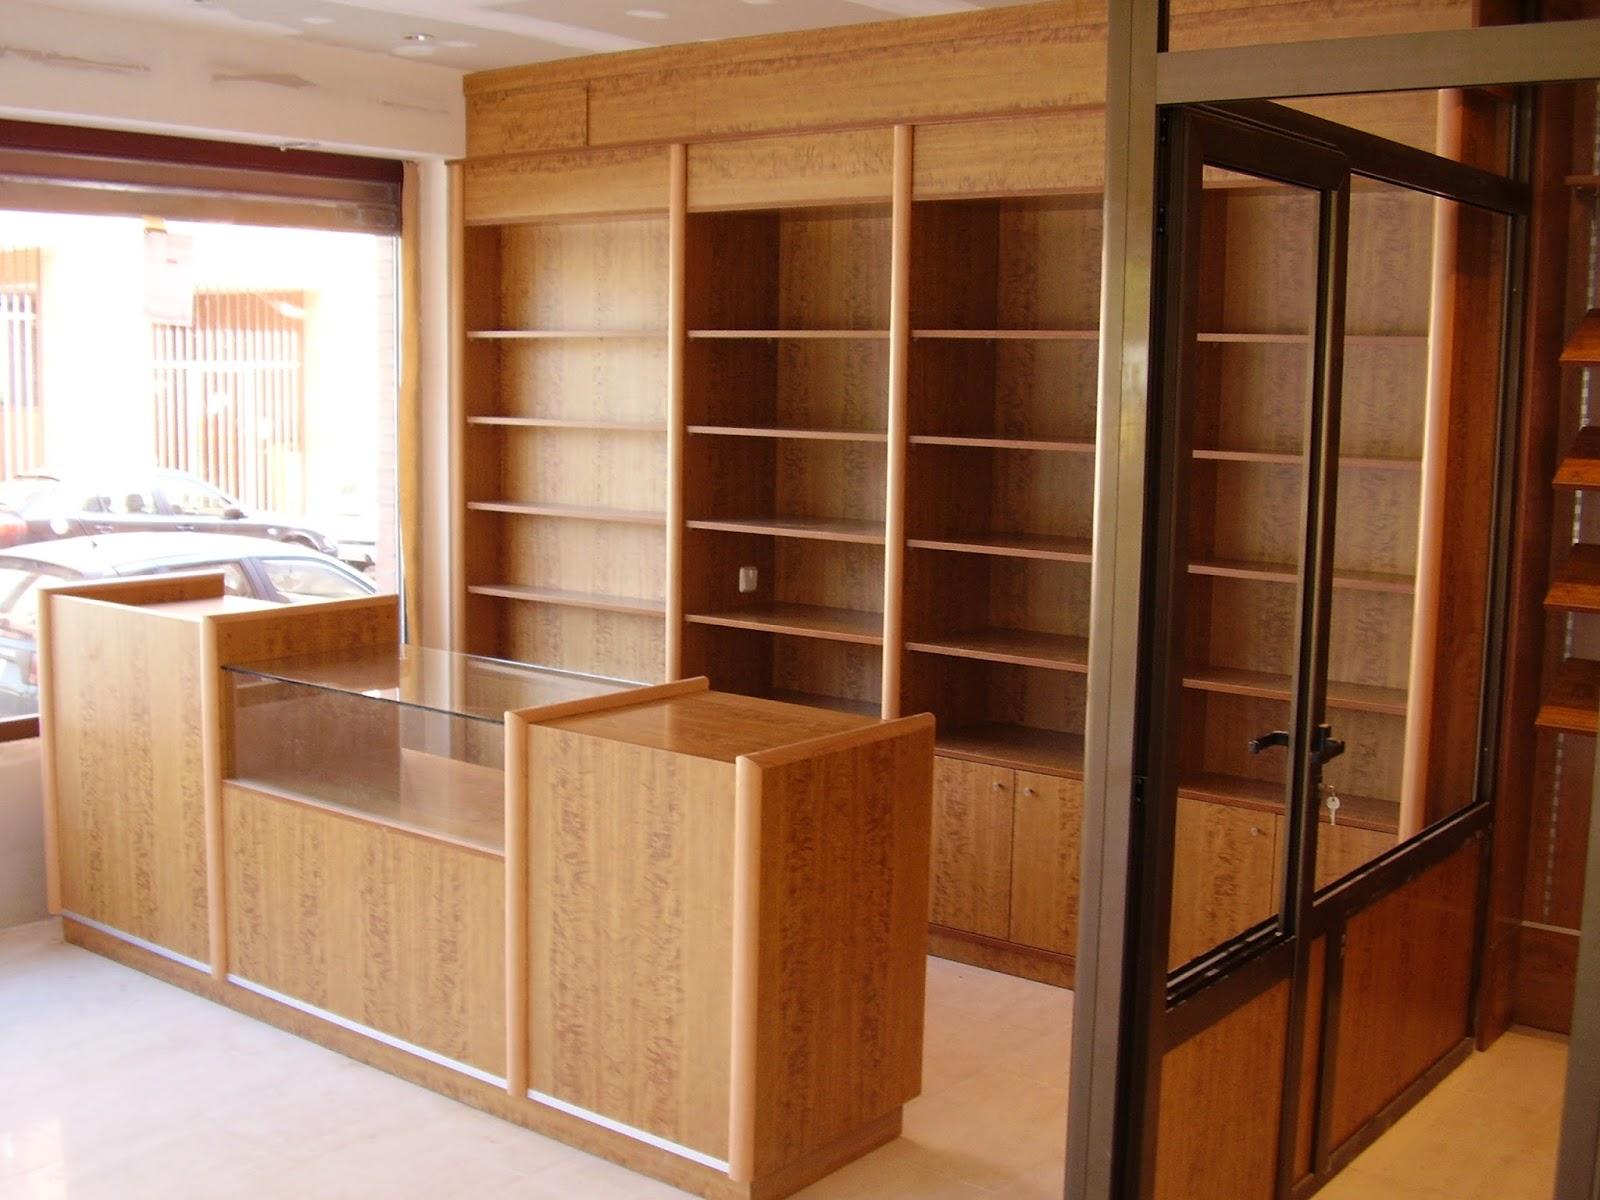 Muebles a la medida disarycor carpintero en granada - Mueble a medida ...